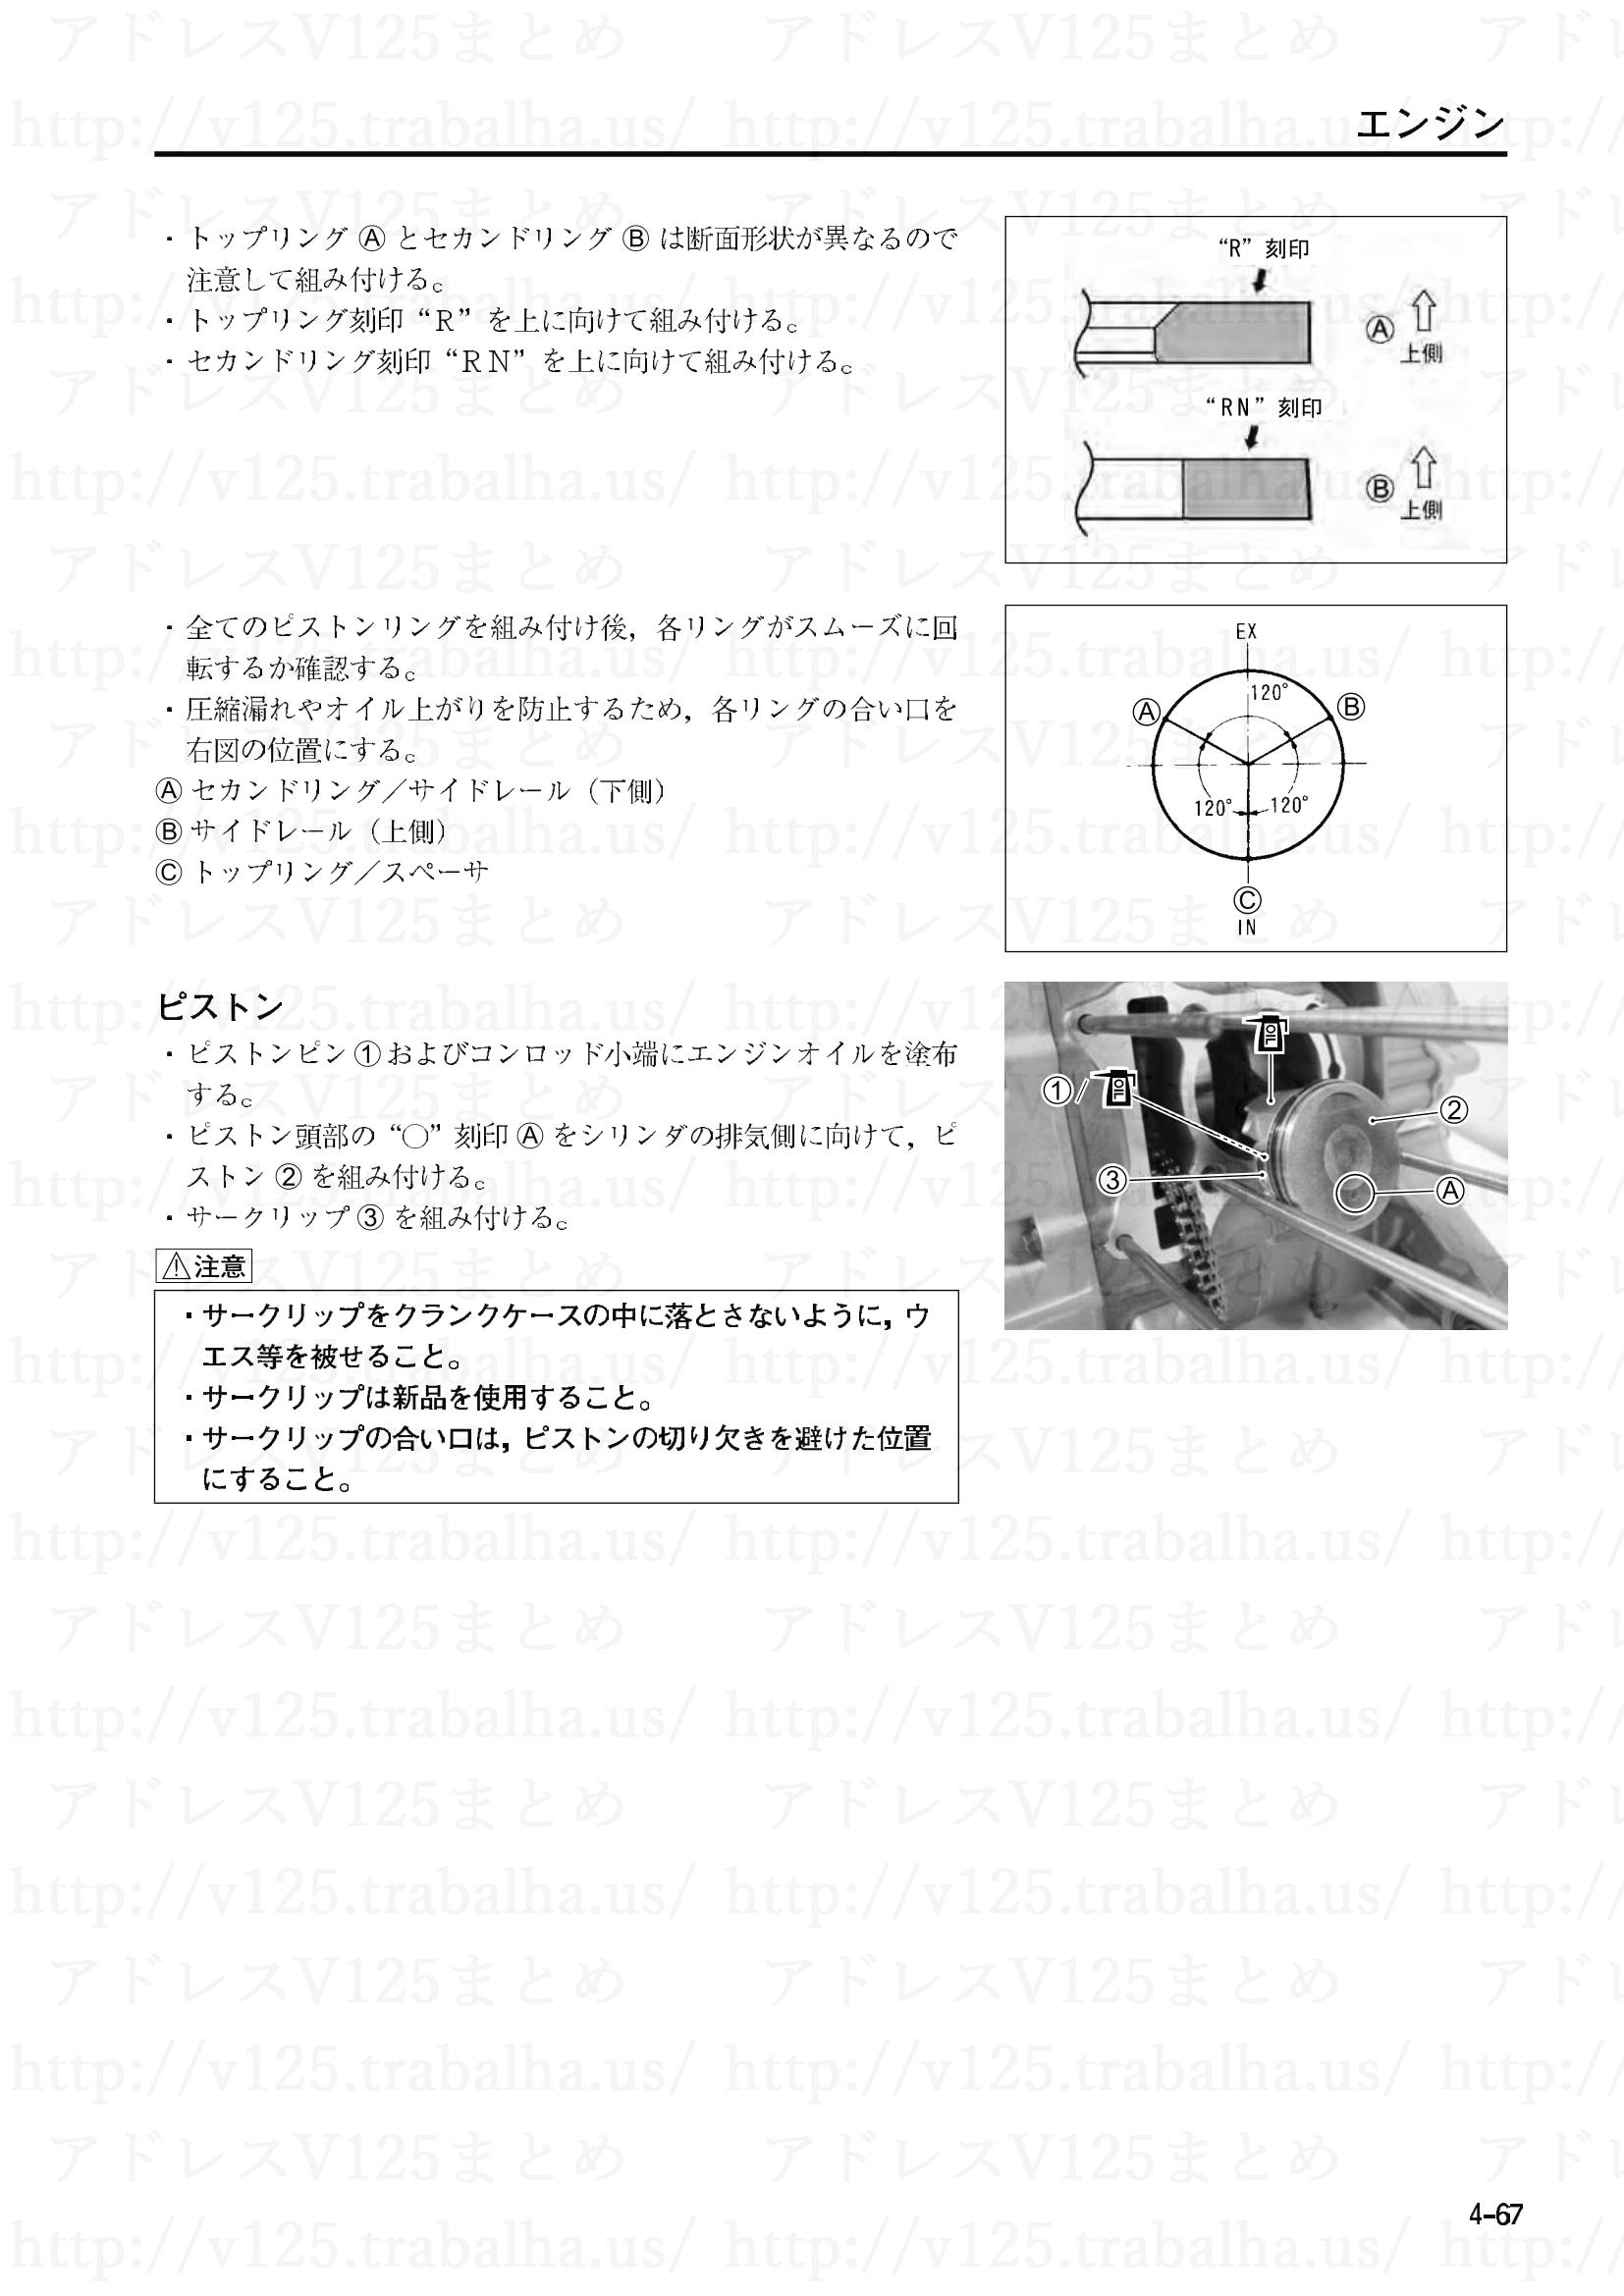 4-67【エンジン】エンジンの組立て11